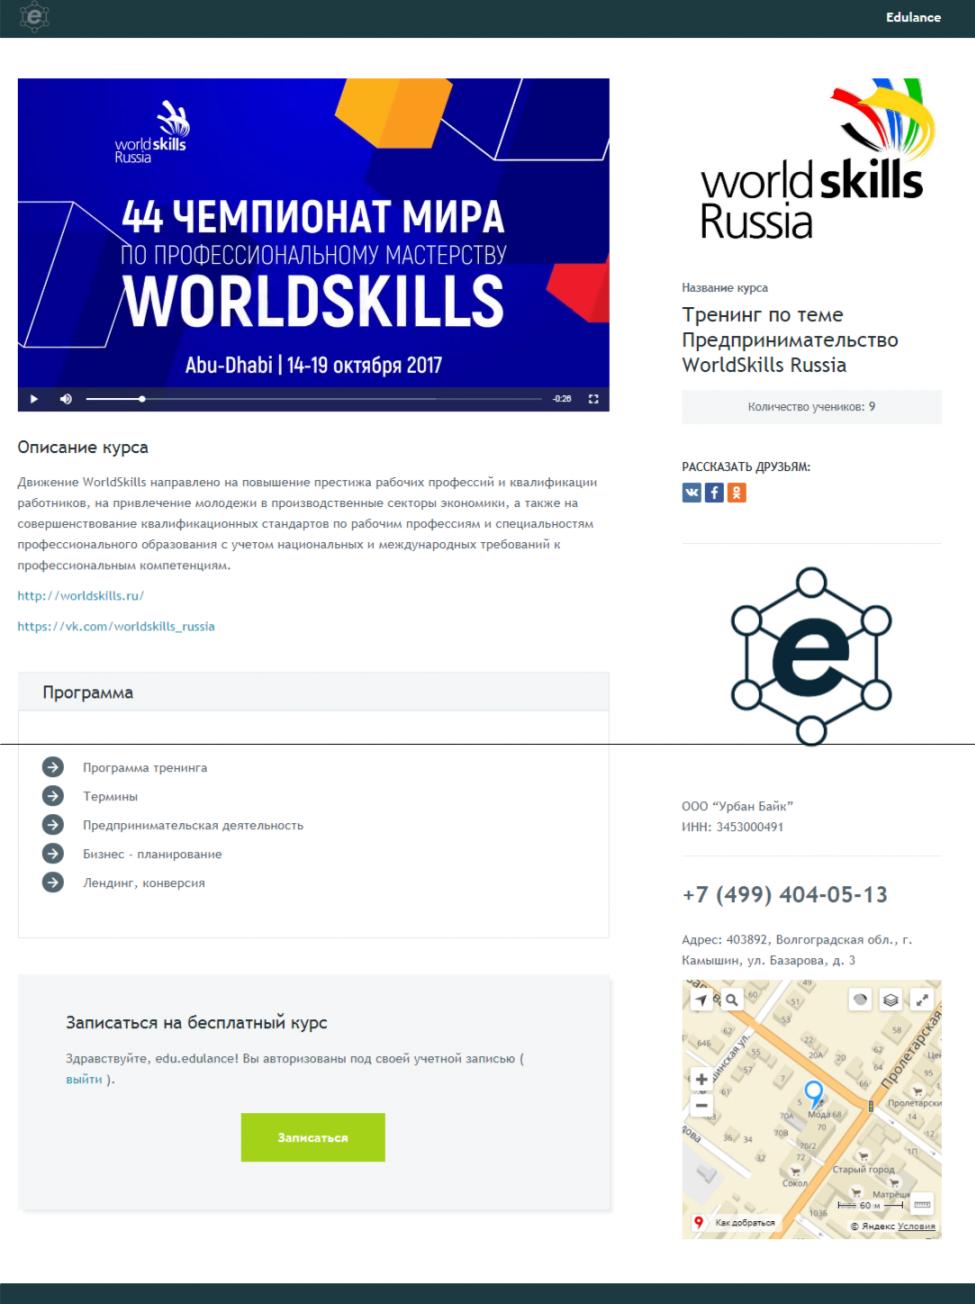 screenshot-edulance.ru-2017-11-02-15-05-59-123